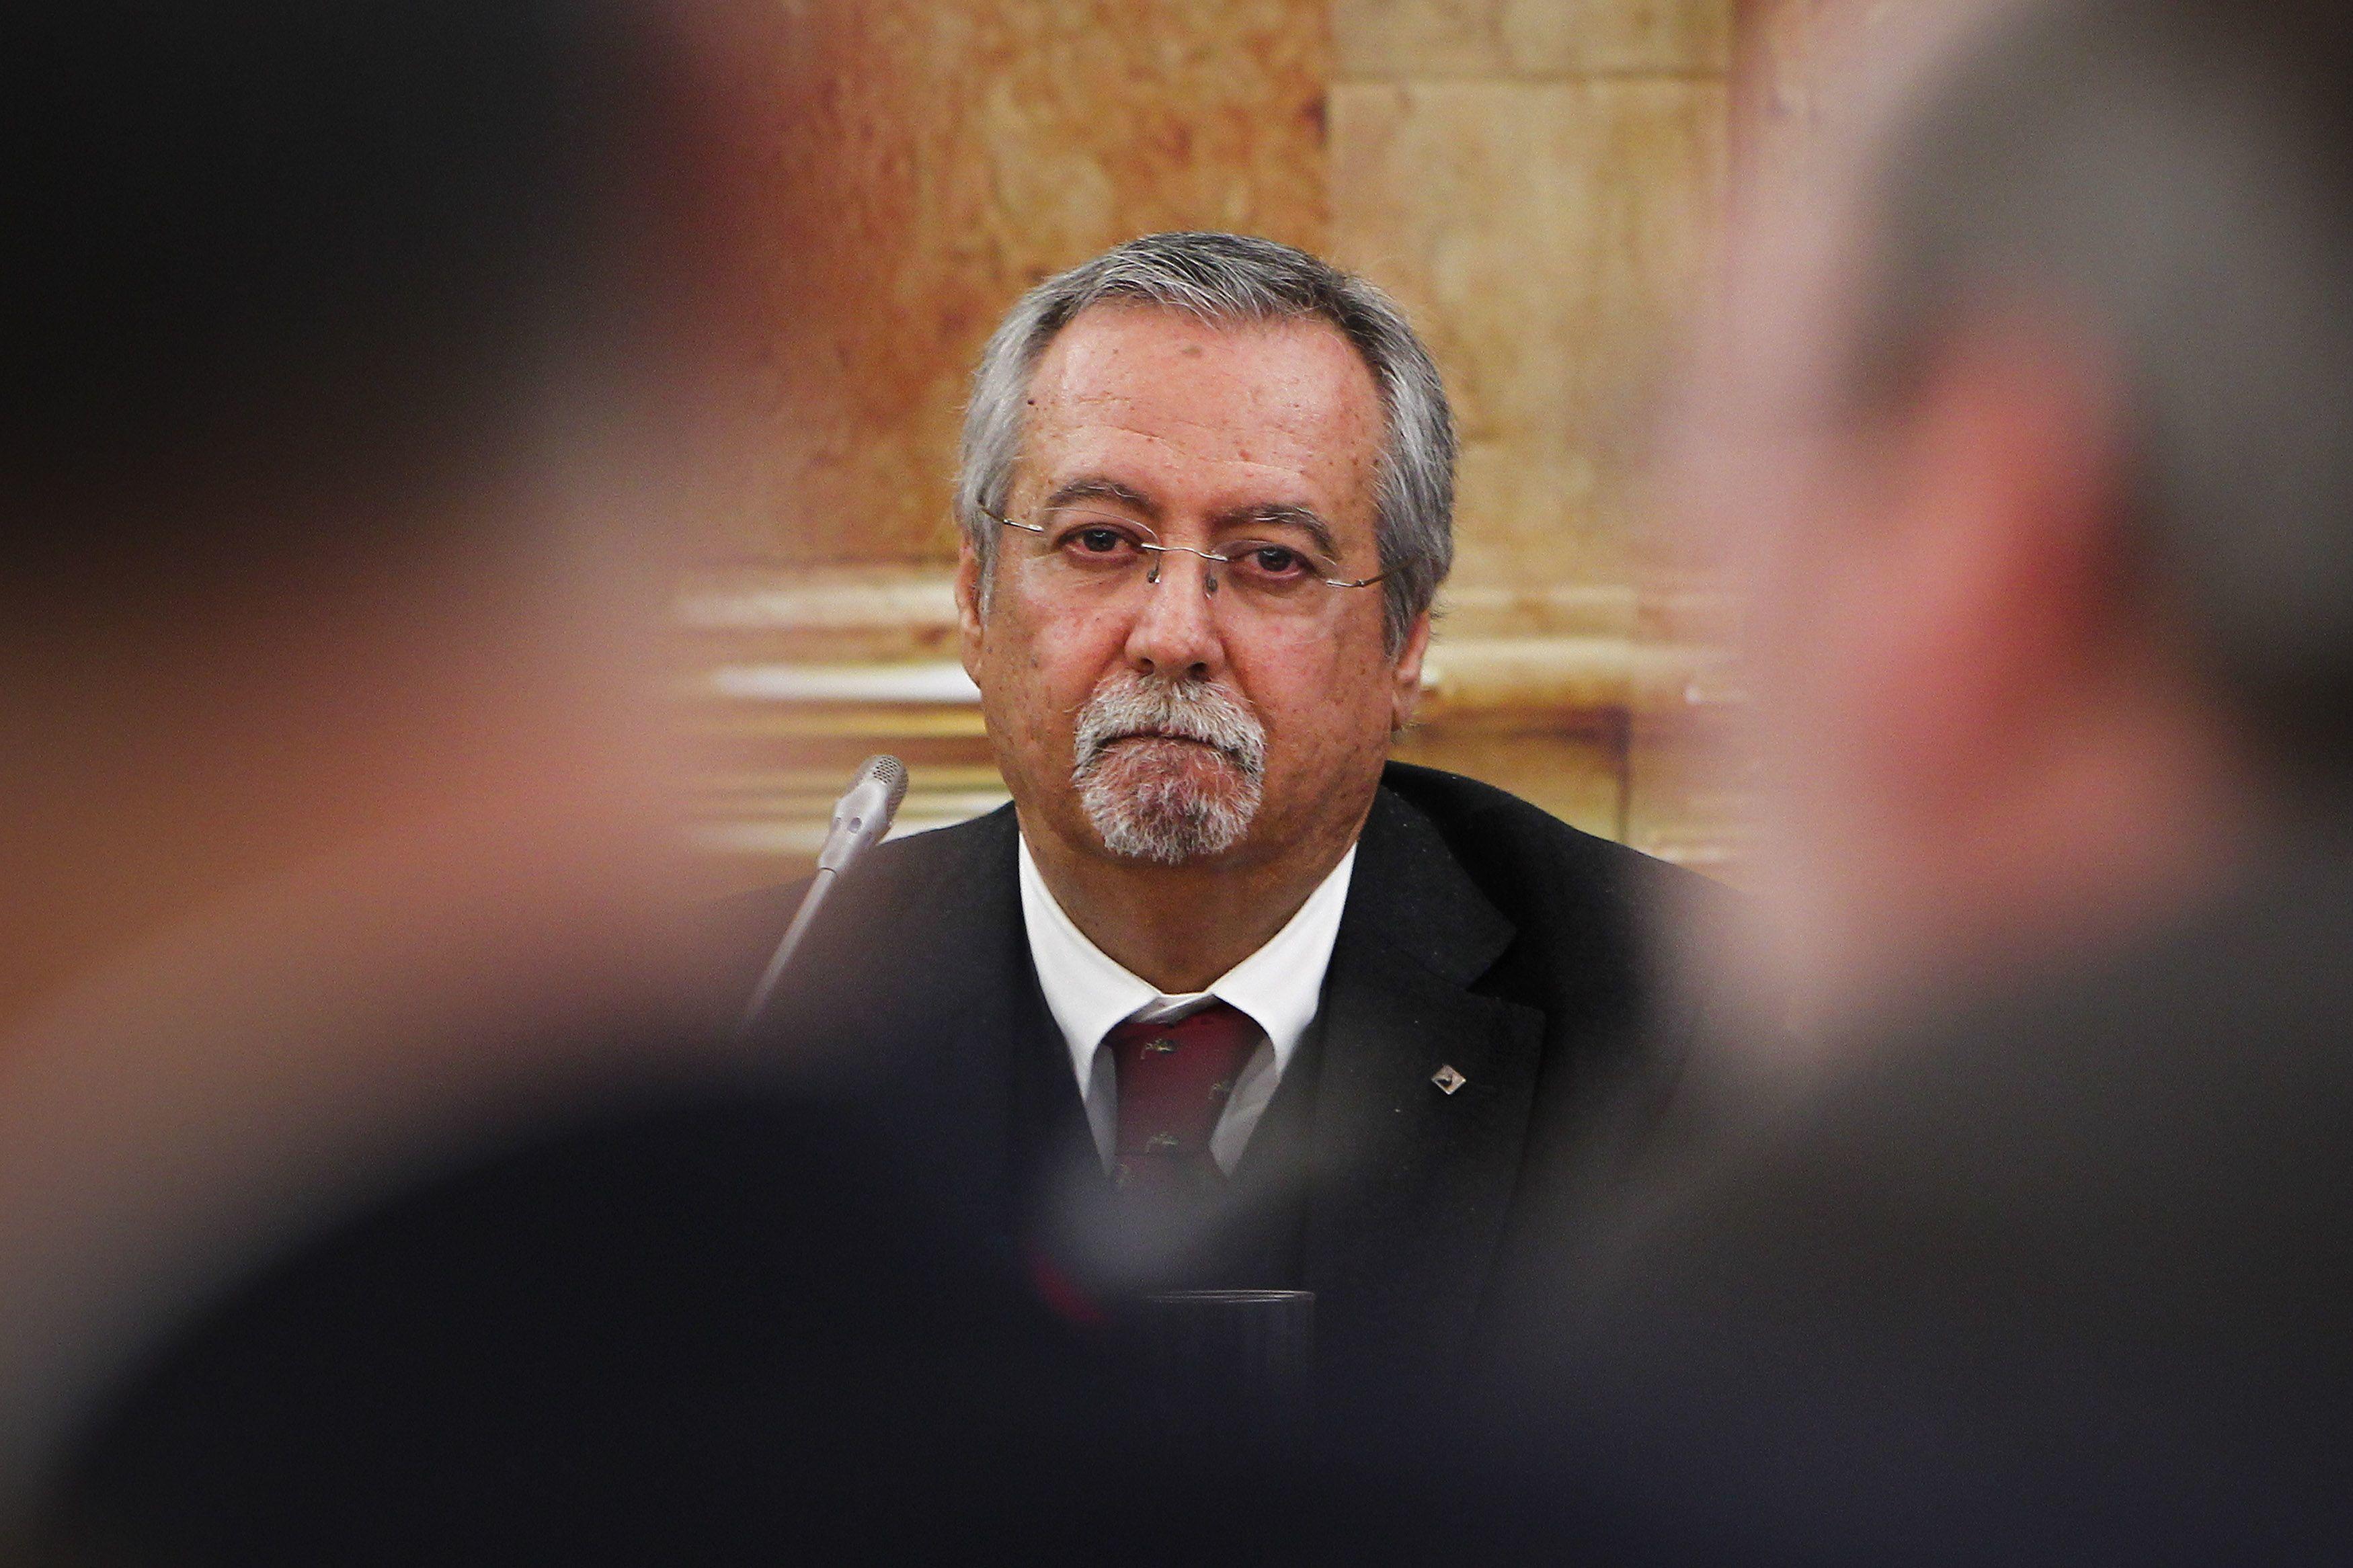 Faleceu Jorge Miguéis membro da Comissão Nacional de Eleições